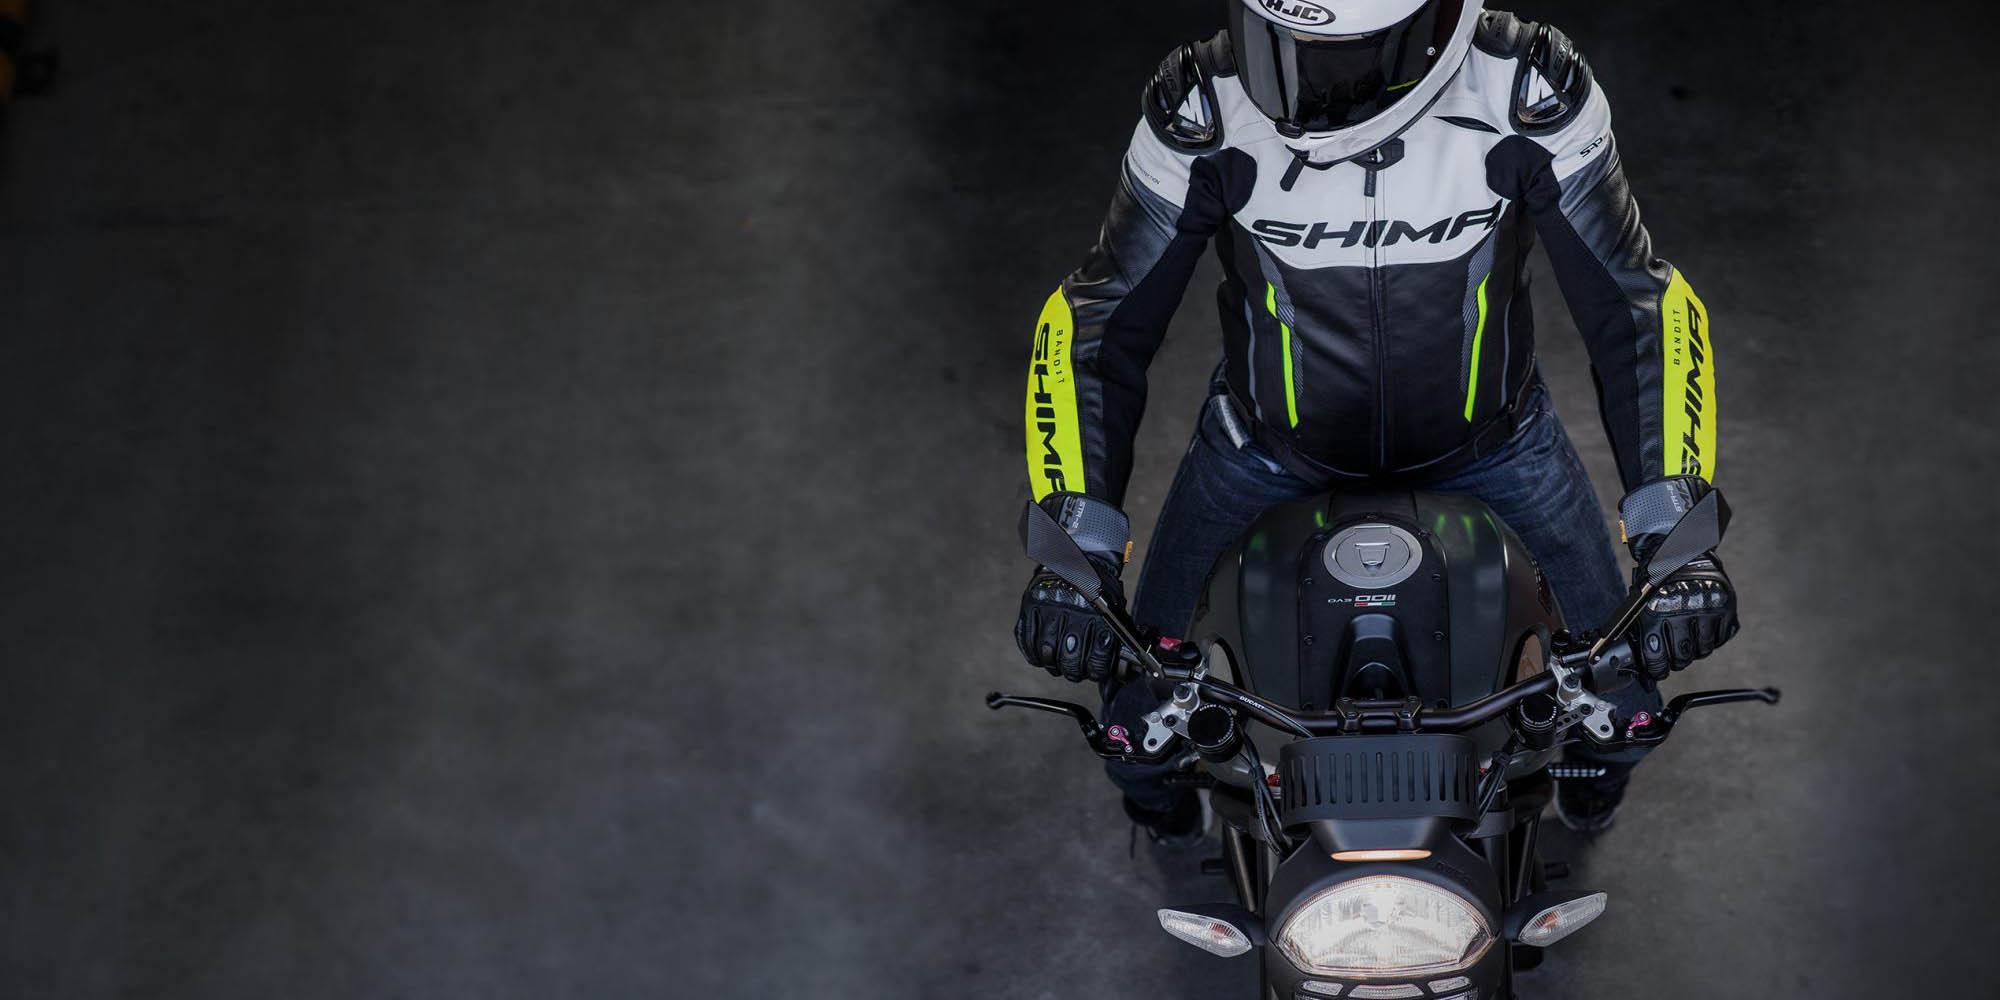 SHIMA STR-2 мотоциклетные перчатки из кожи баннер купить по низкой цене